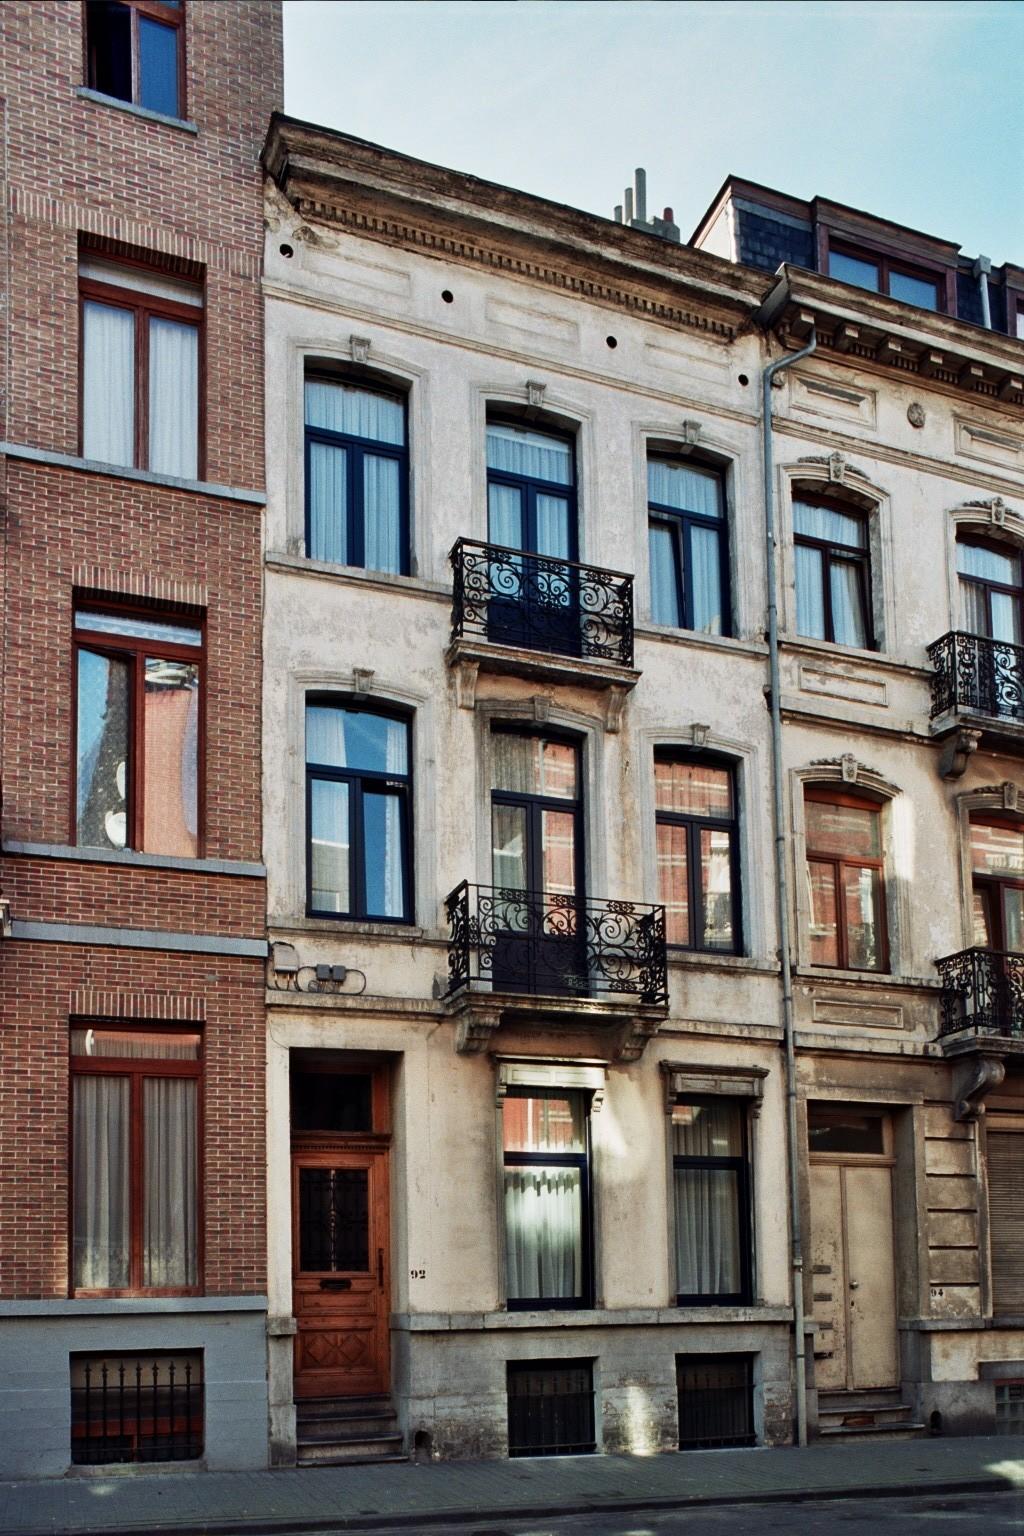 Rue Vanderschrick 92., 2004